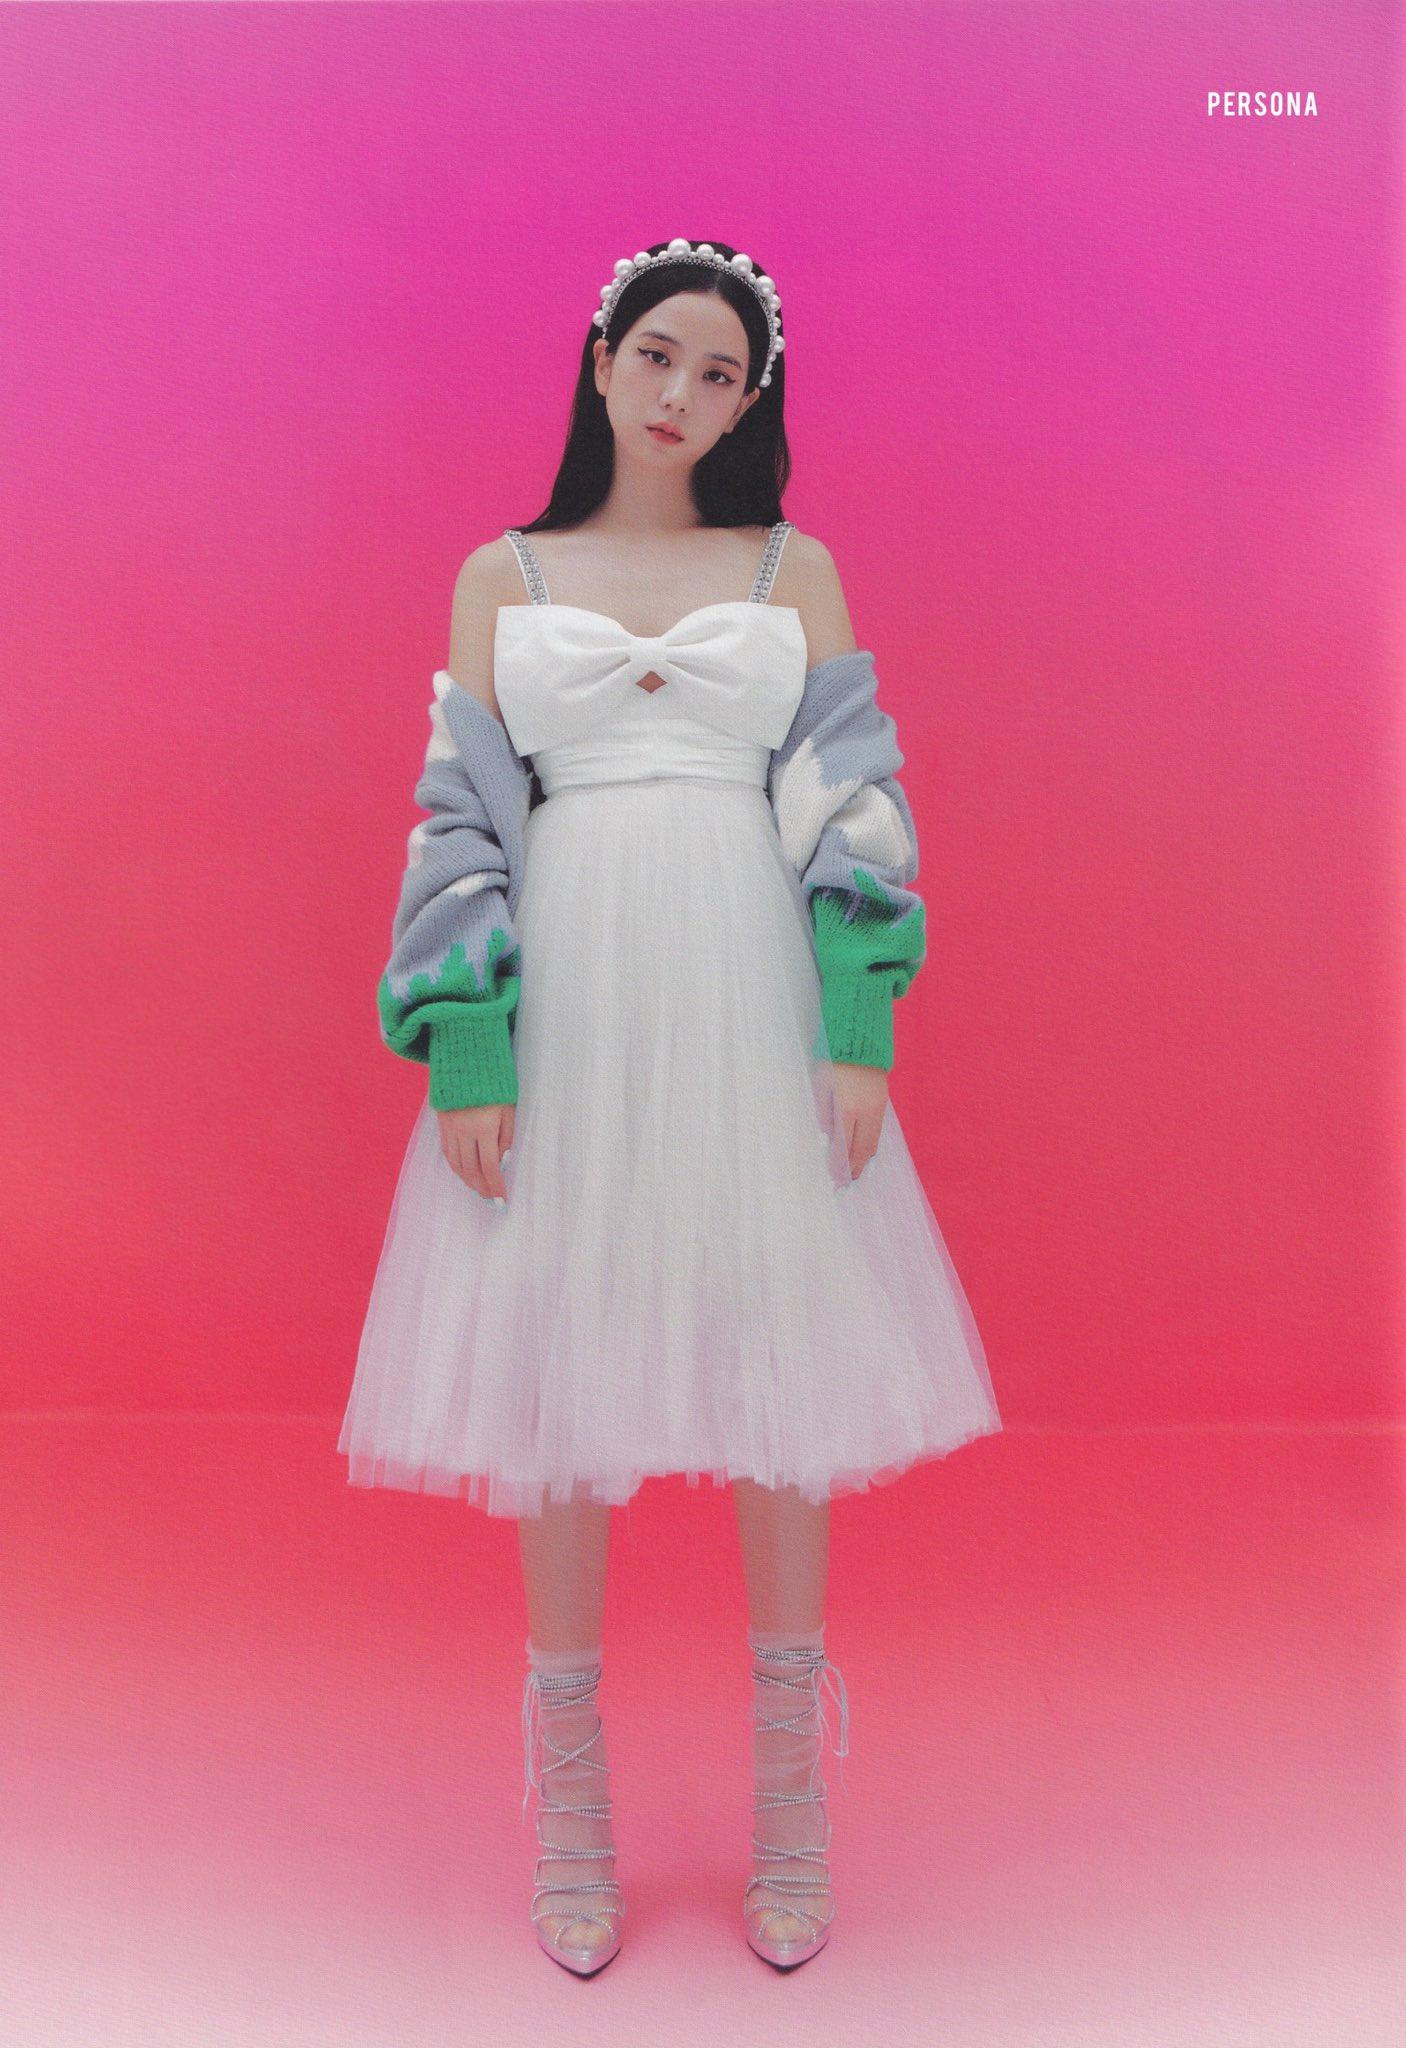 """Đúng là """"idol đẹp như Hoa hậu"""": Jisoo lấn át Nhiệt Ba khi đụng hàng, còn khơi lại vụ diện đồ nhái của Lan Ngọc - Ảnh 3."""